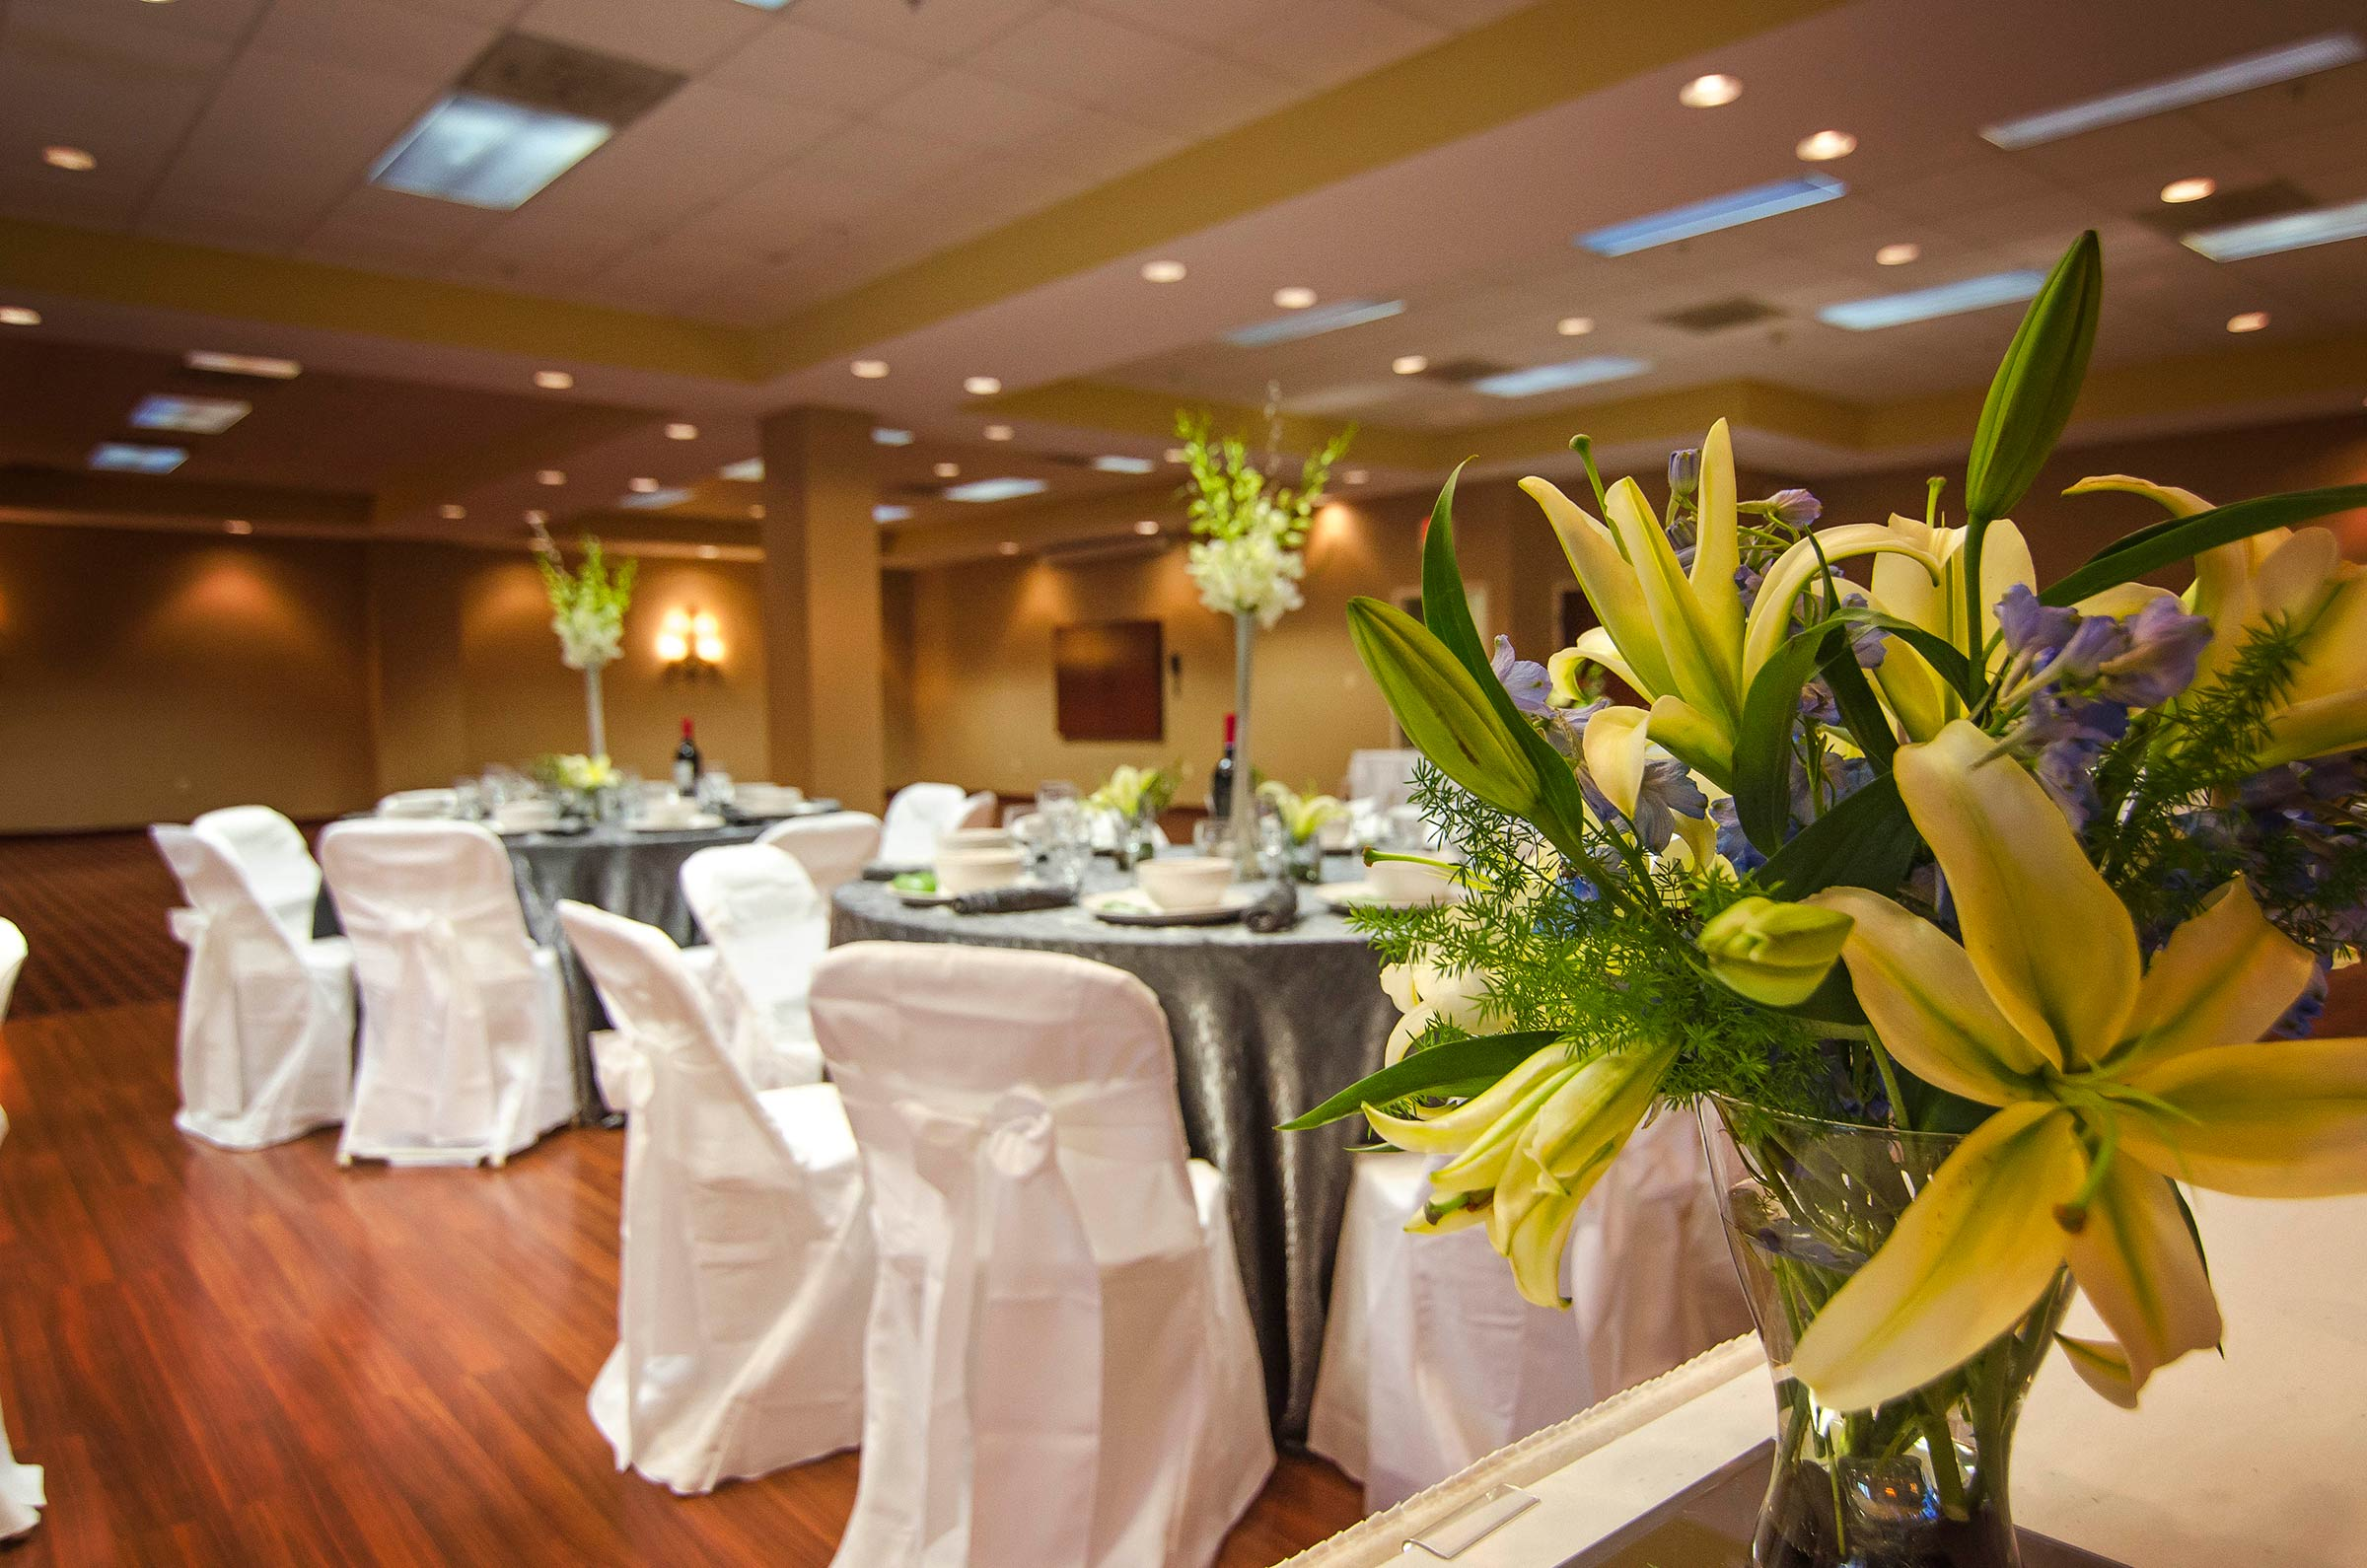 Wedding Event Room Setup